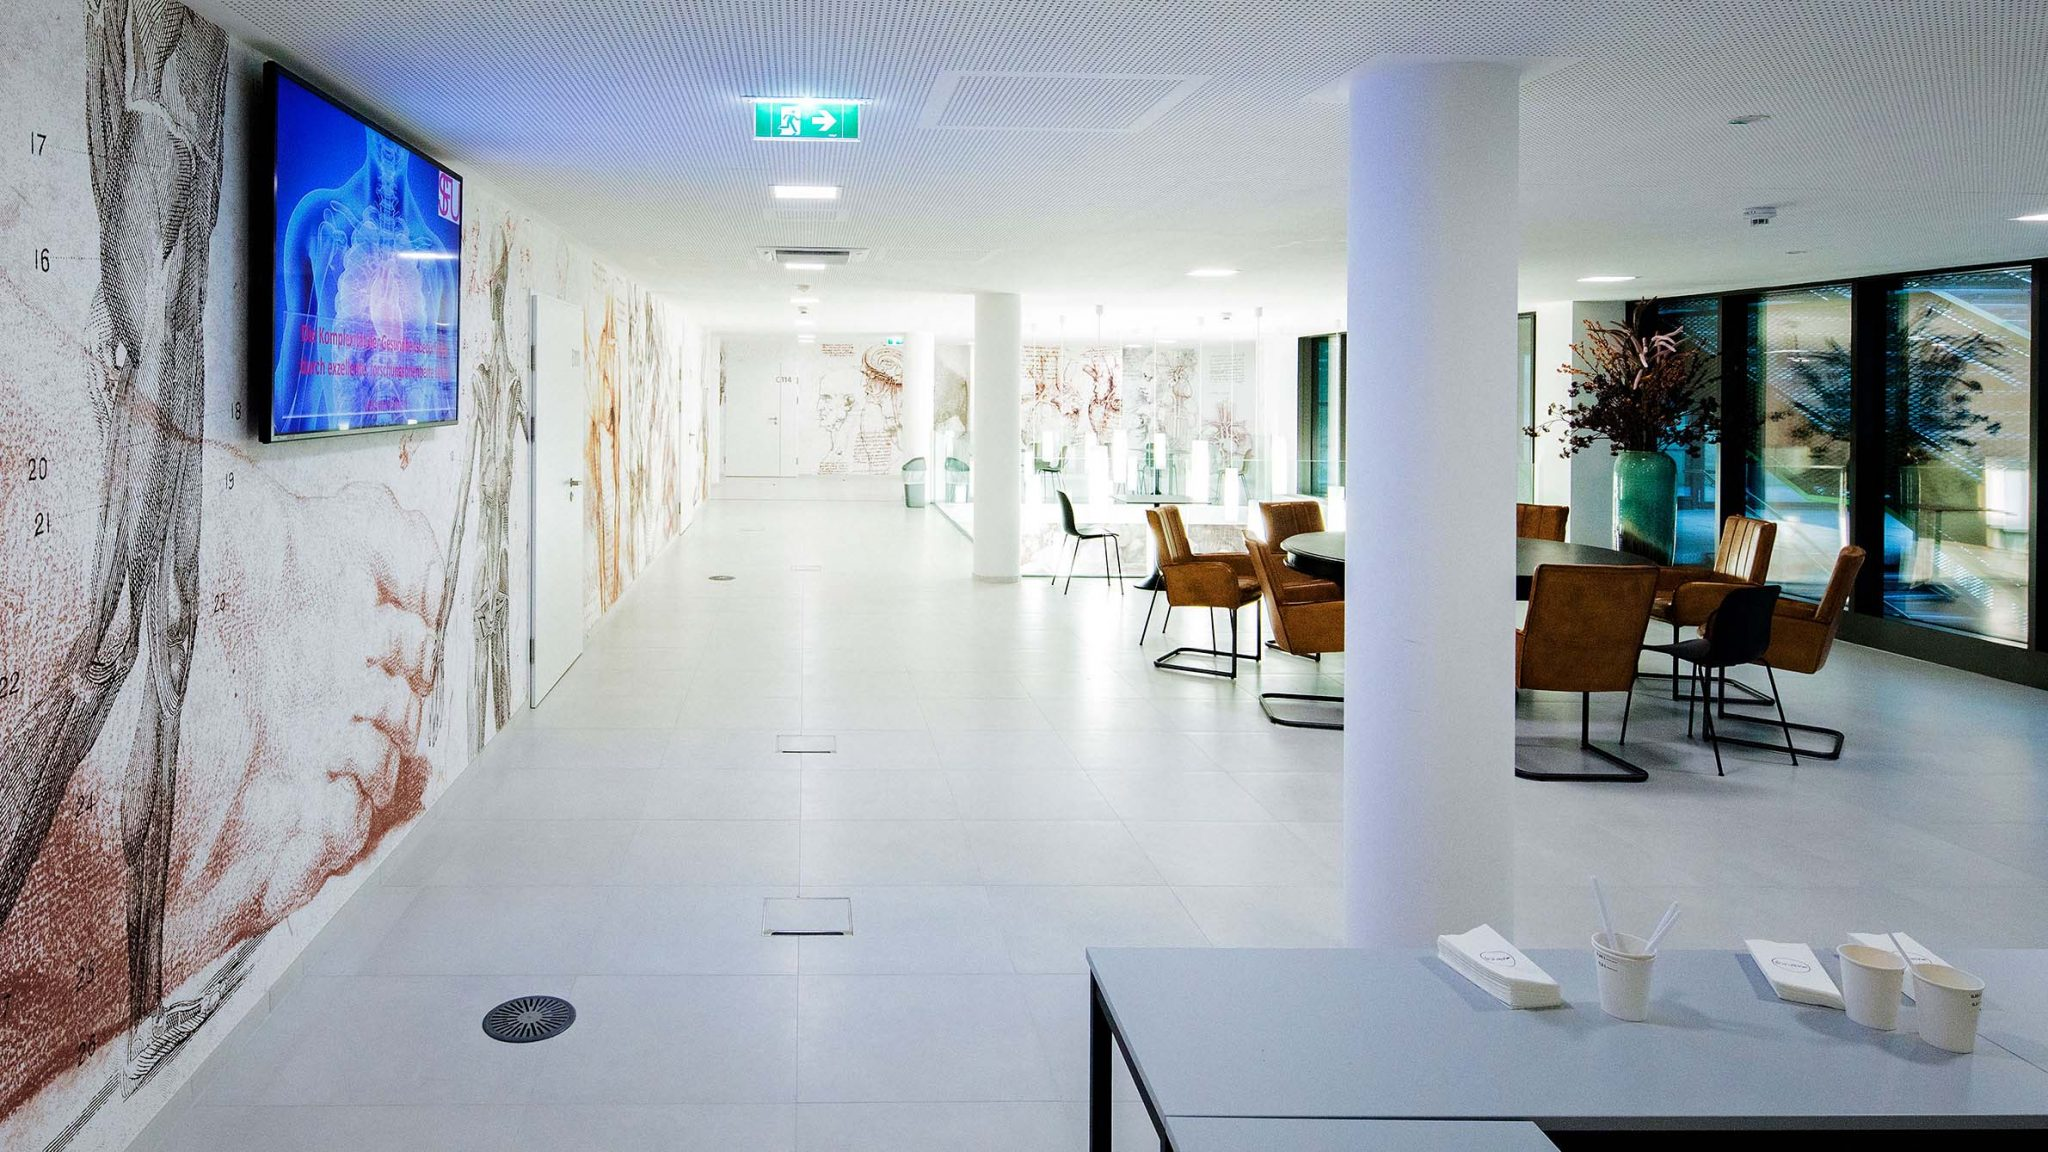 Große Lounge mit Lederstühlen und Tischen eingerichtet. Tapeten mit Abbildungen von anatomischen Rötel- und Bleistiftzeichnungen.